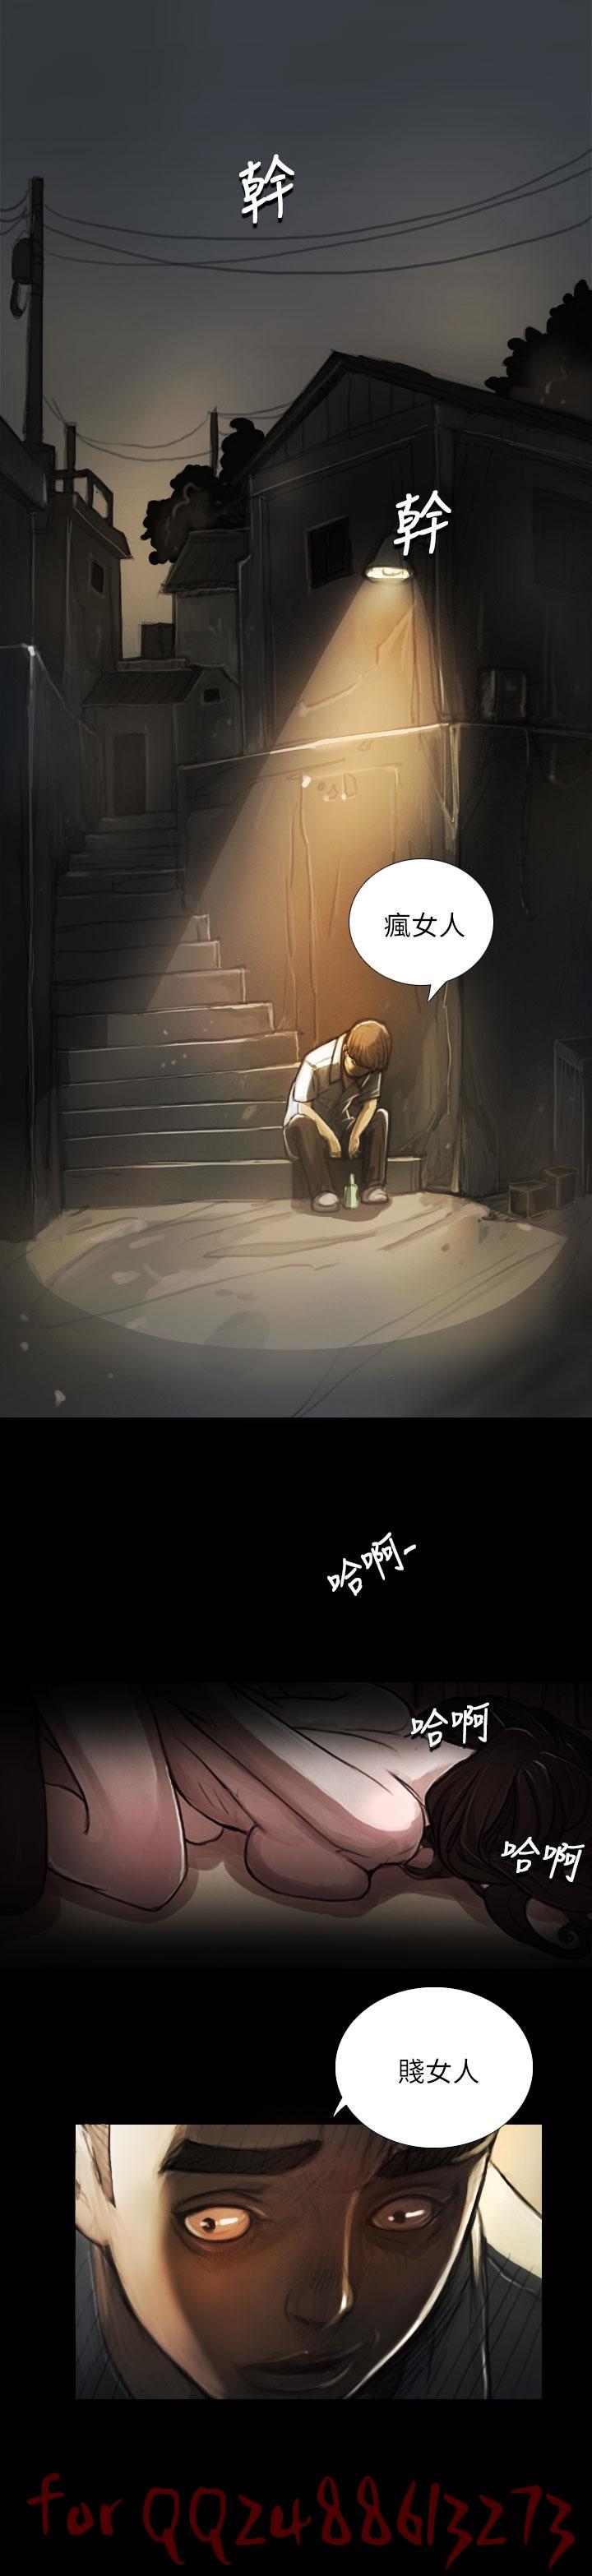 姊姊: 莲 第1~10話 [Chinese]中文 167